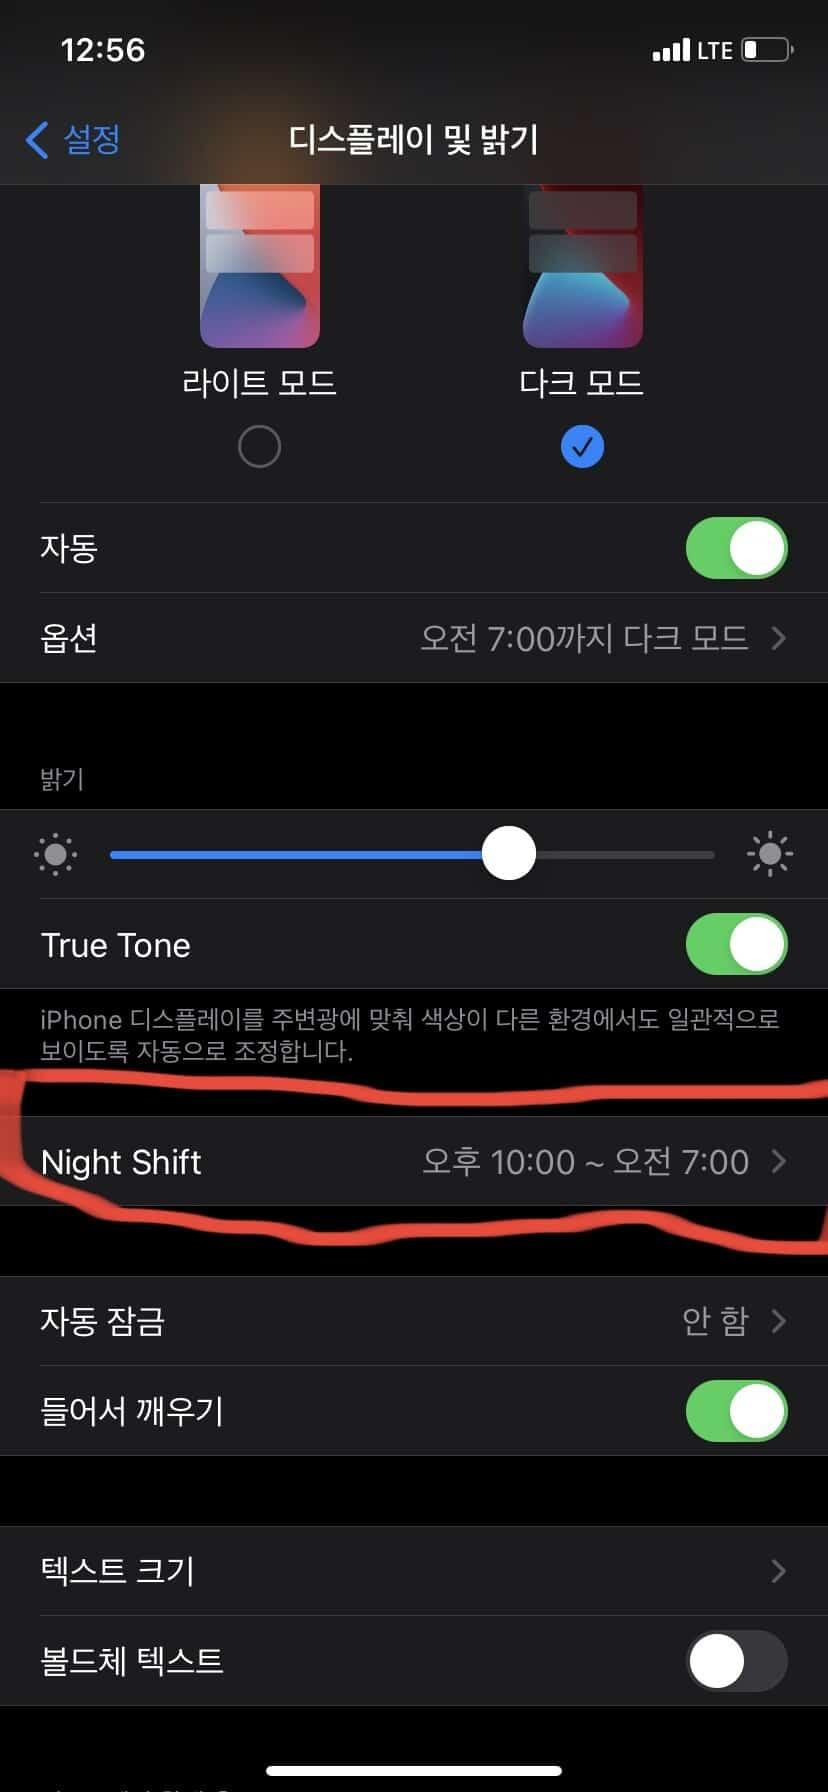 Night Shift •